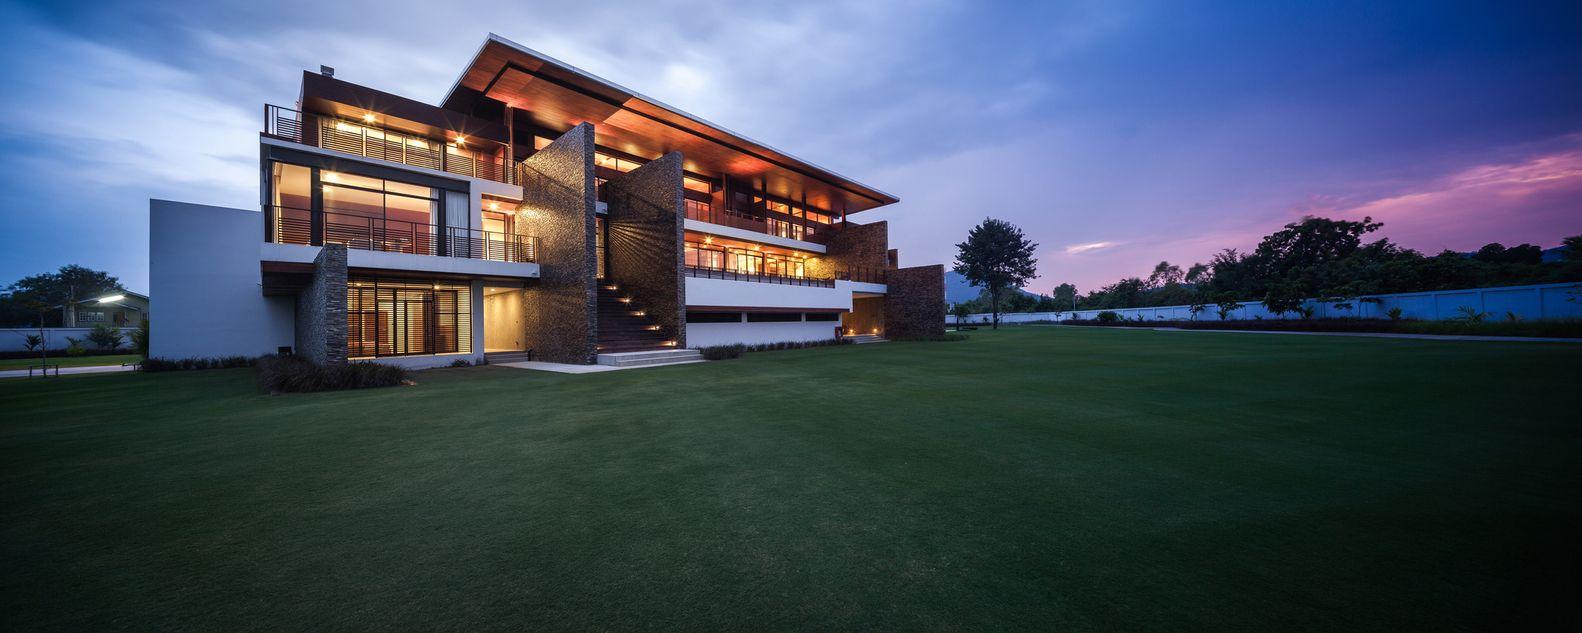 Gallery of bang sa ray house junsekino architect and design 1